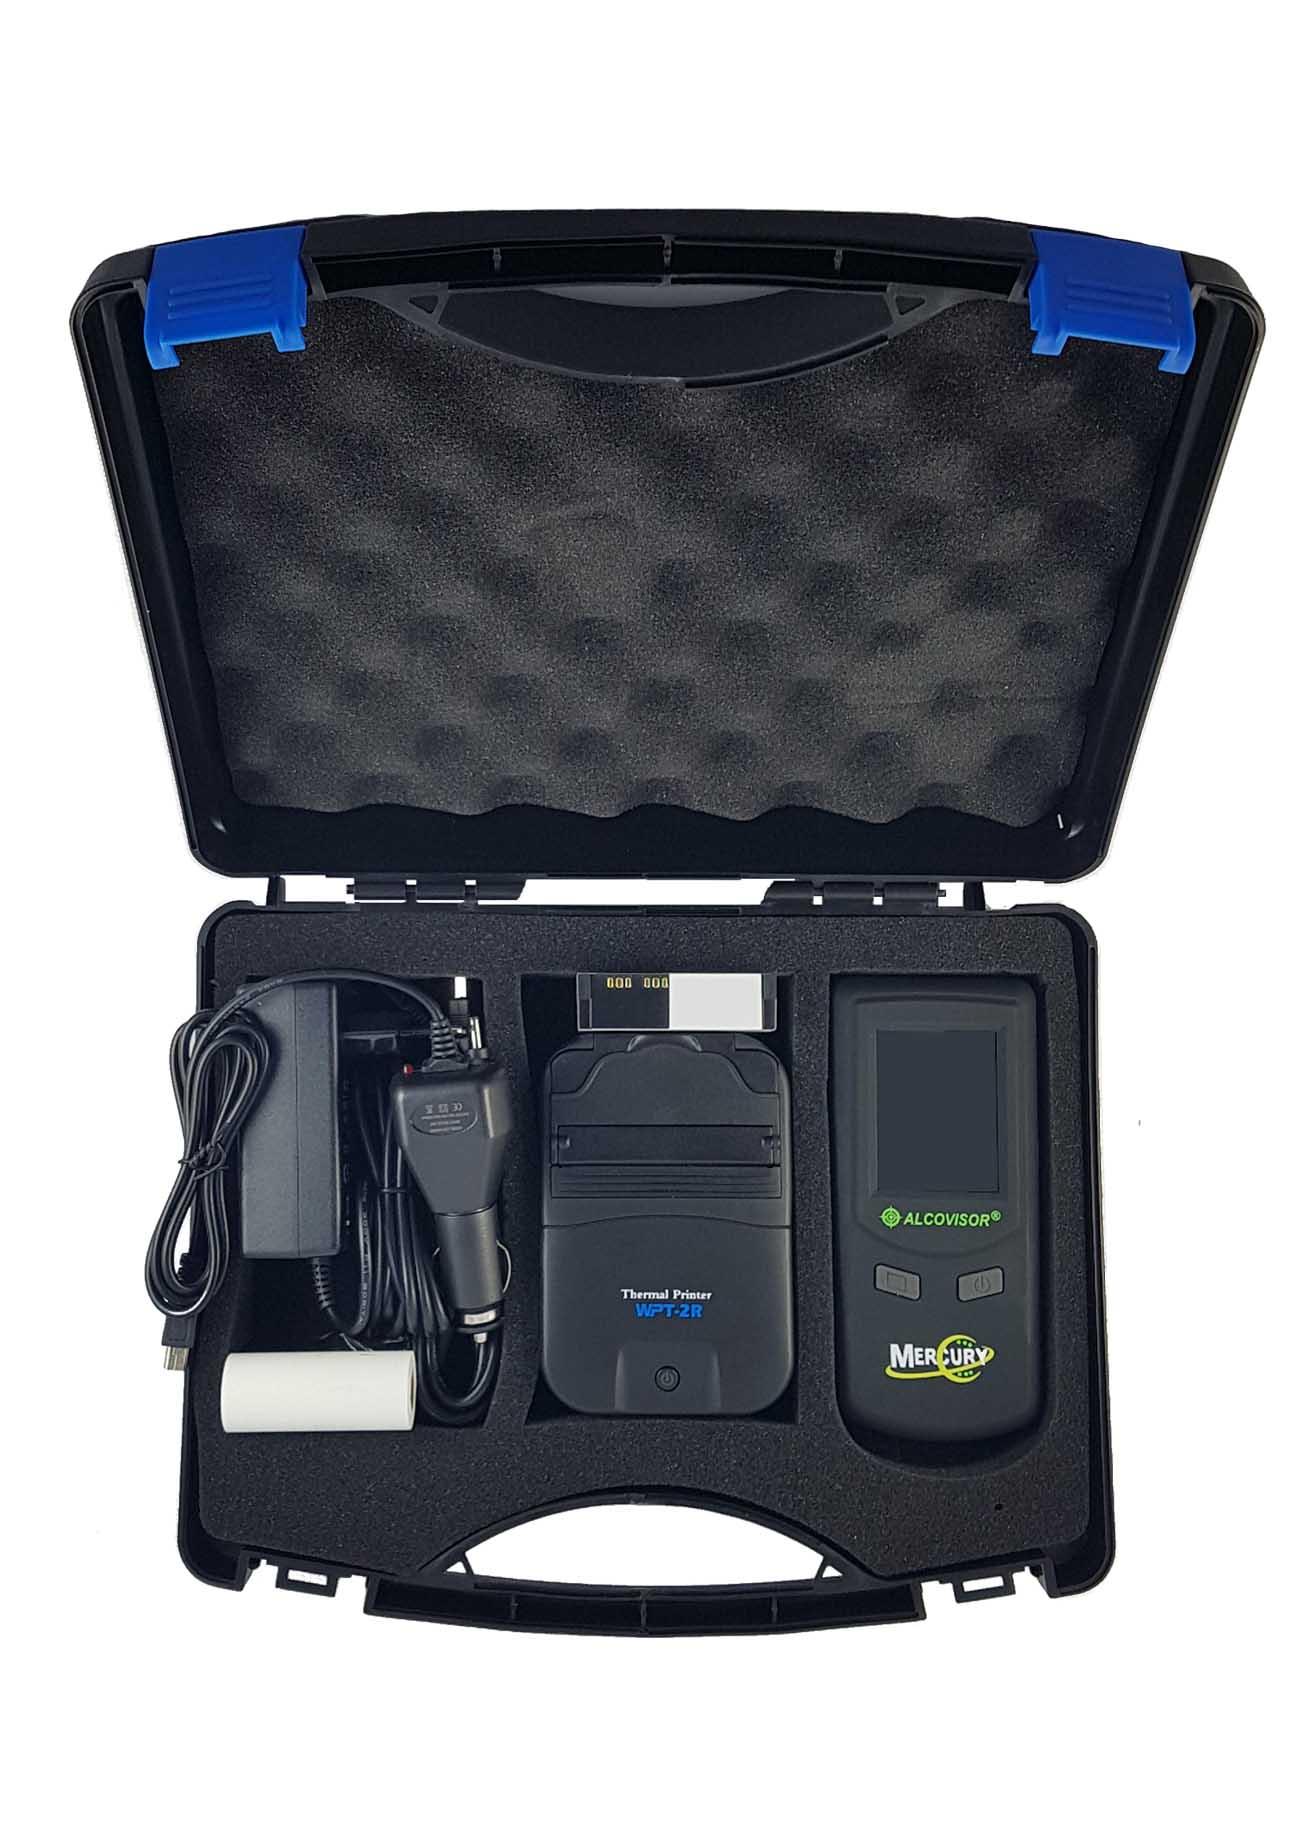 Alcovisor Mercury Full Kit + prvotní kalibrace ZDARMA